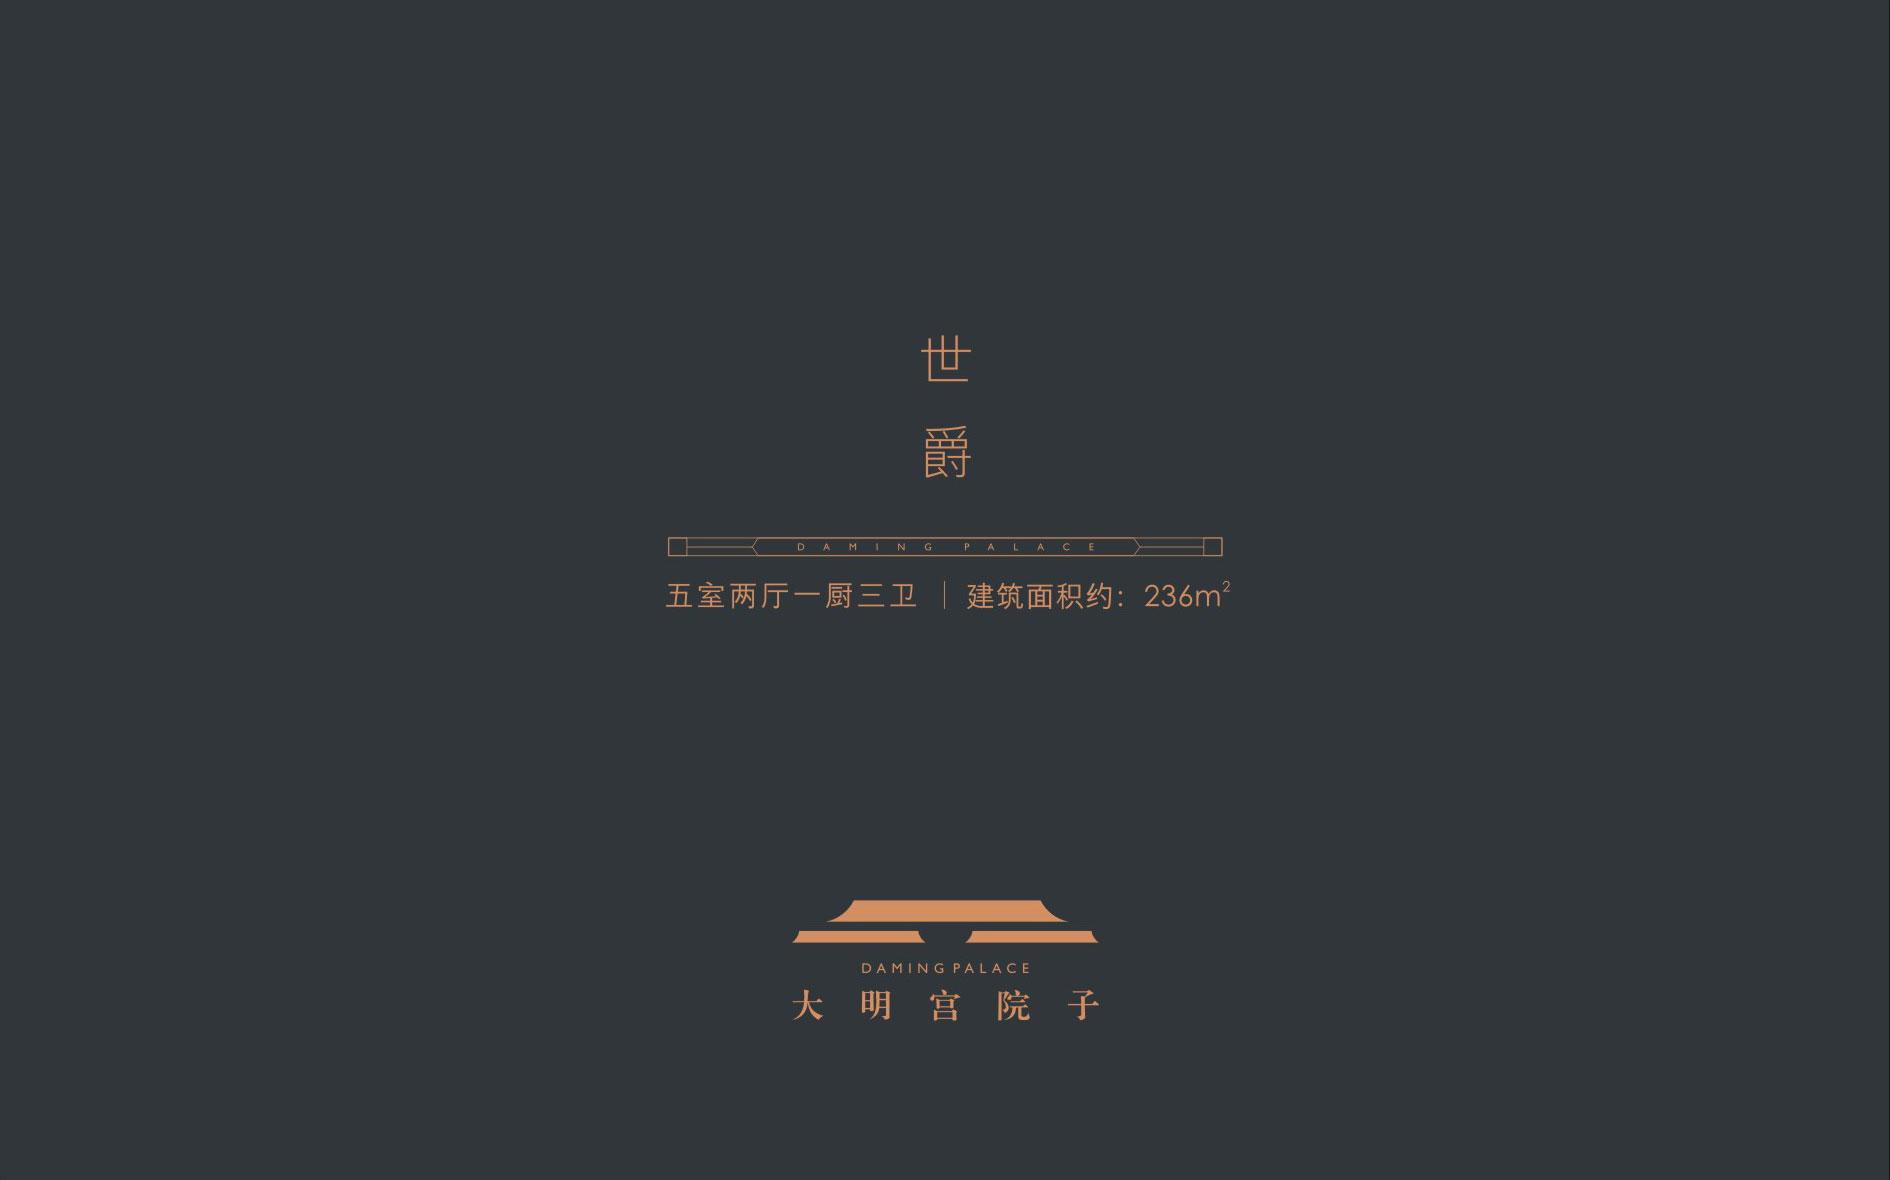 万博max手机登录版-欢迎您(欢迎您)_大明宫院子_世爵